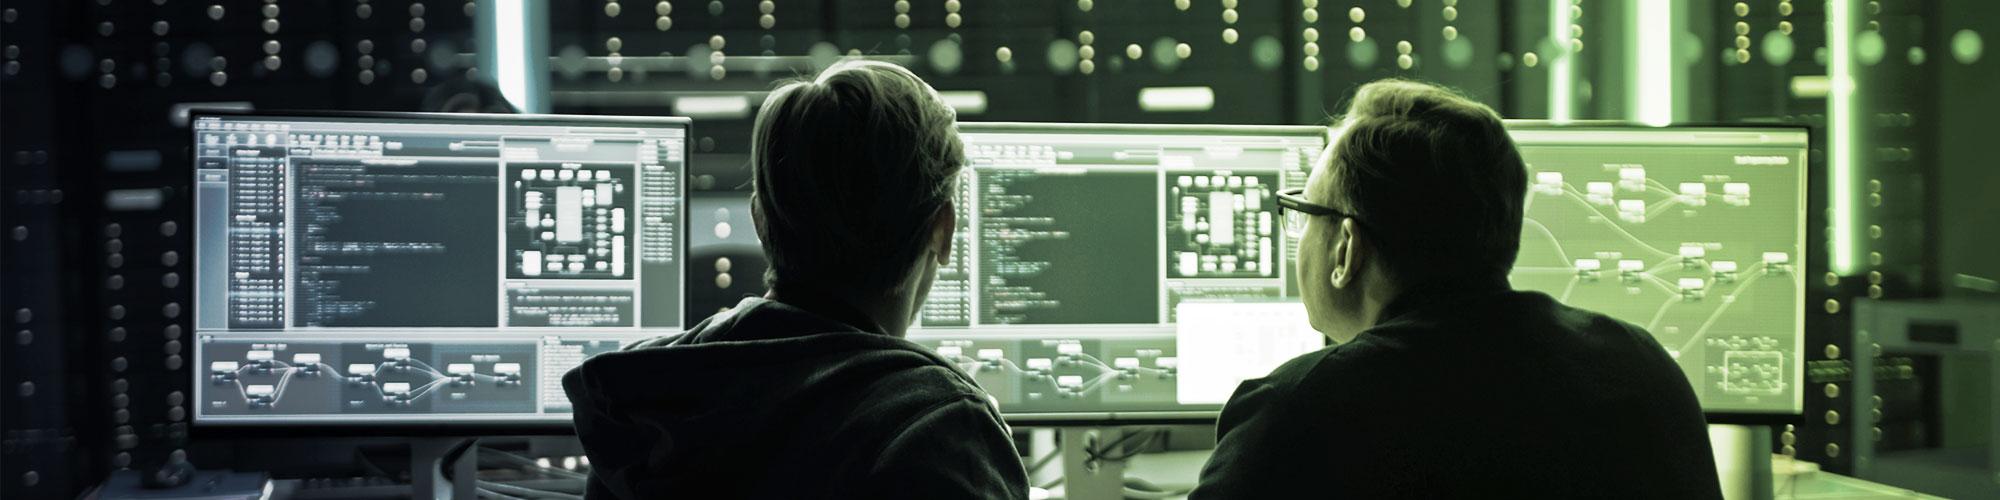 Administratoren eines Managed Servers vor Bildschirmen